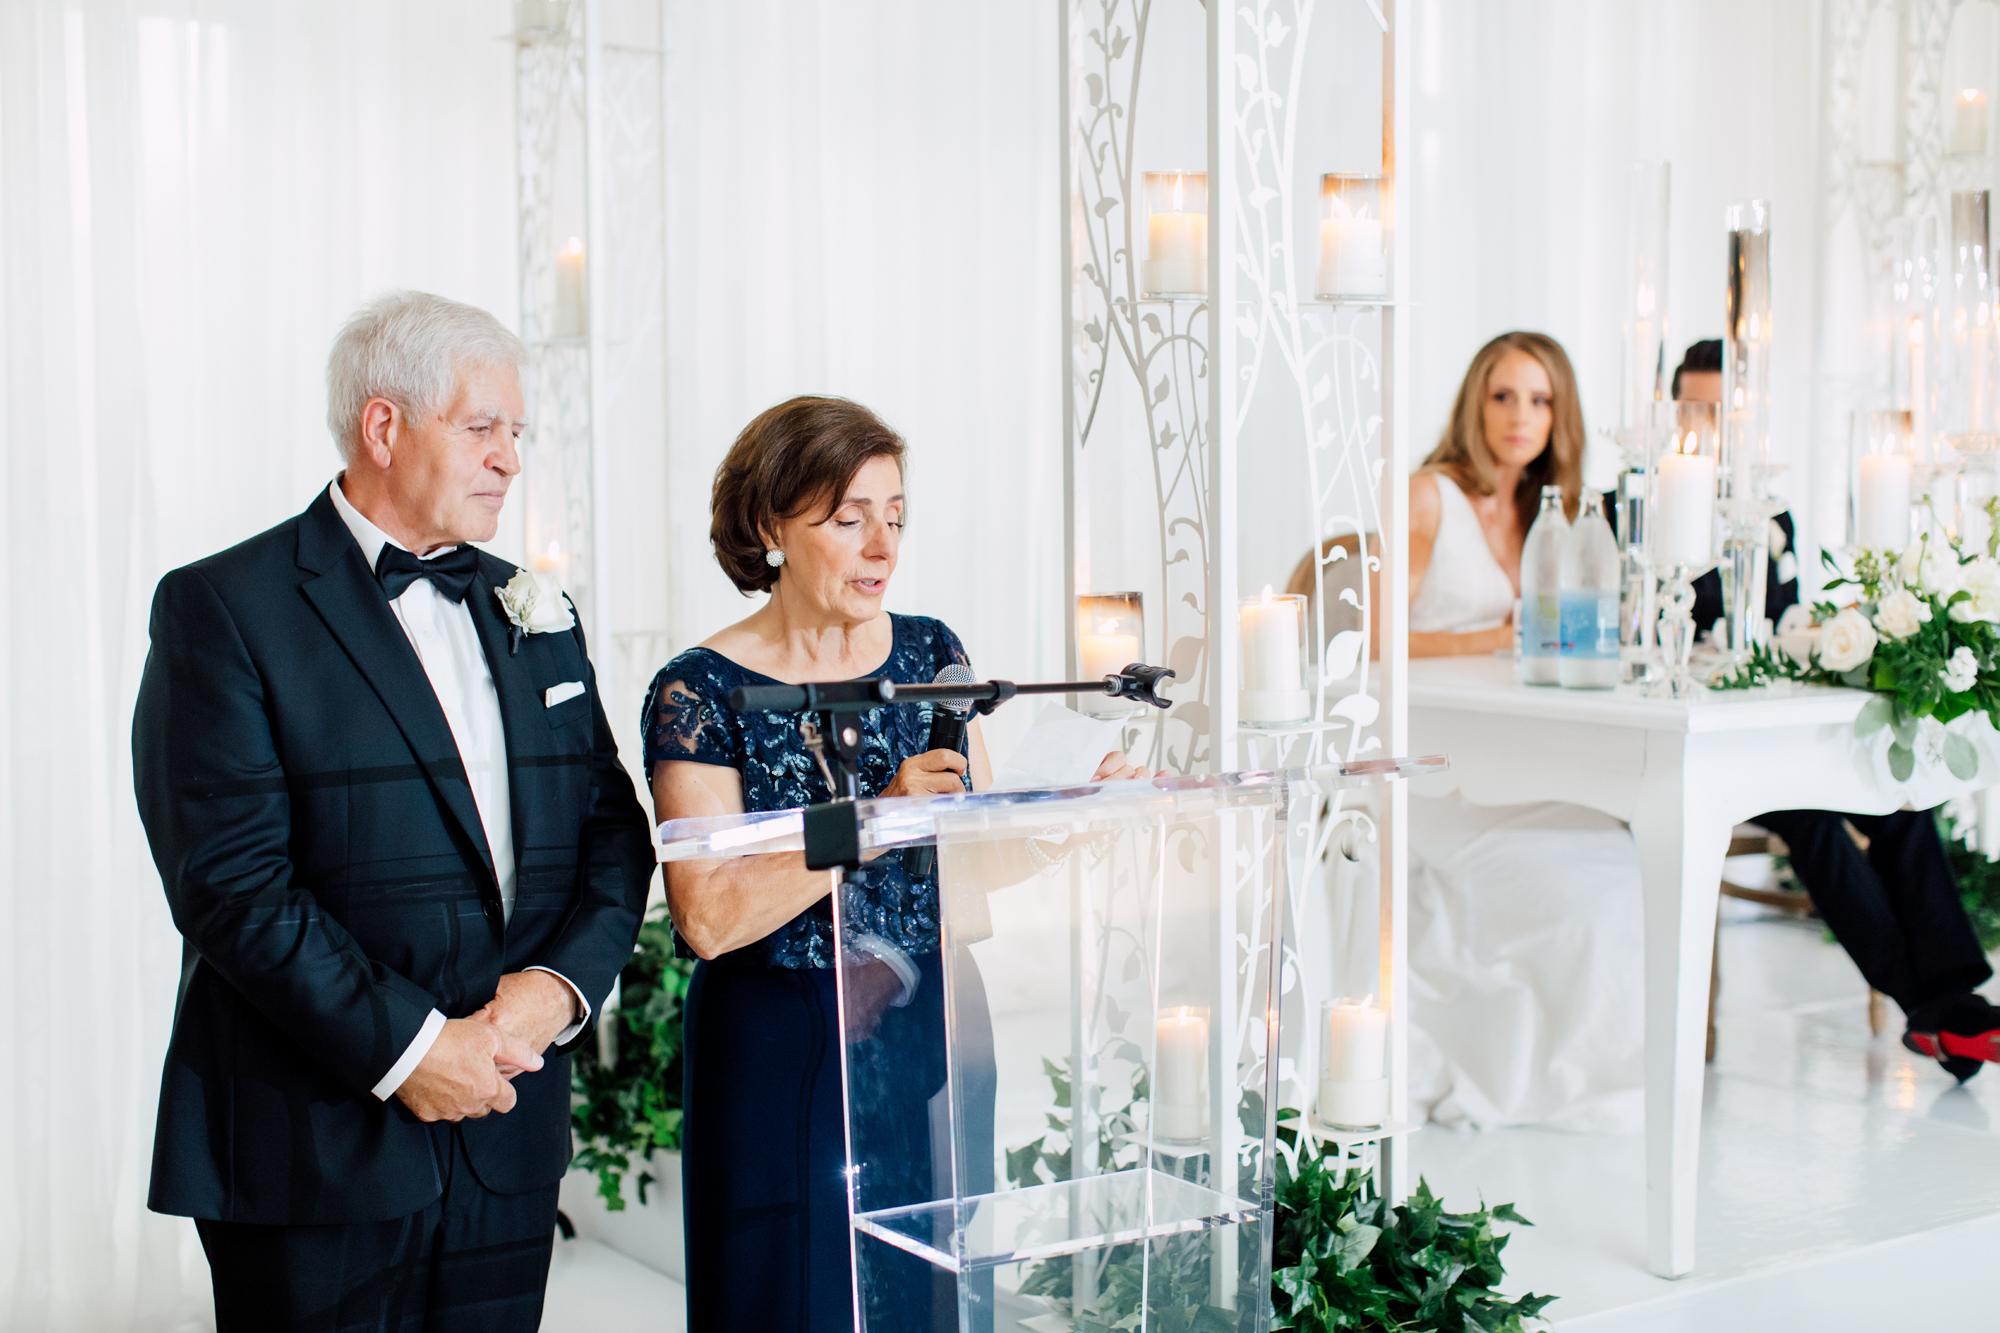 wedding reception parent speech